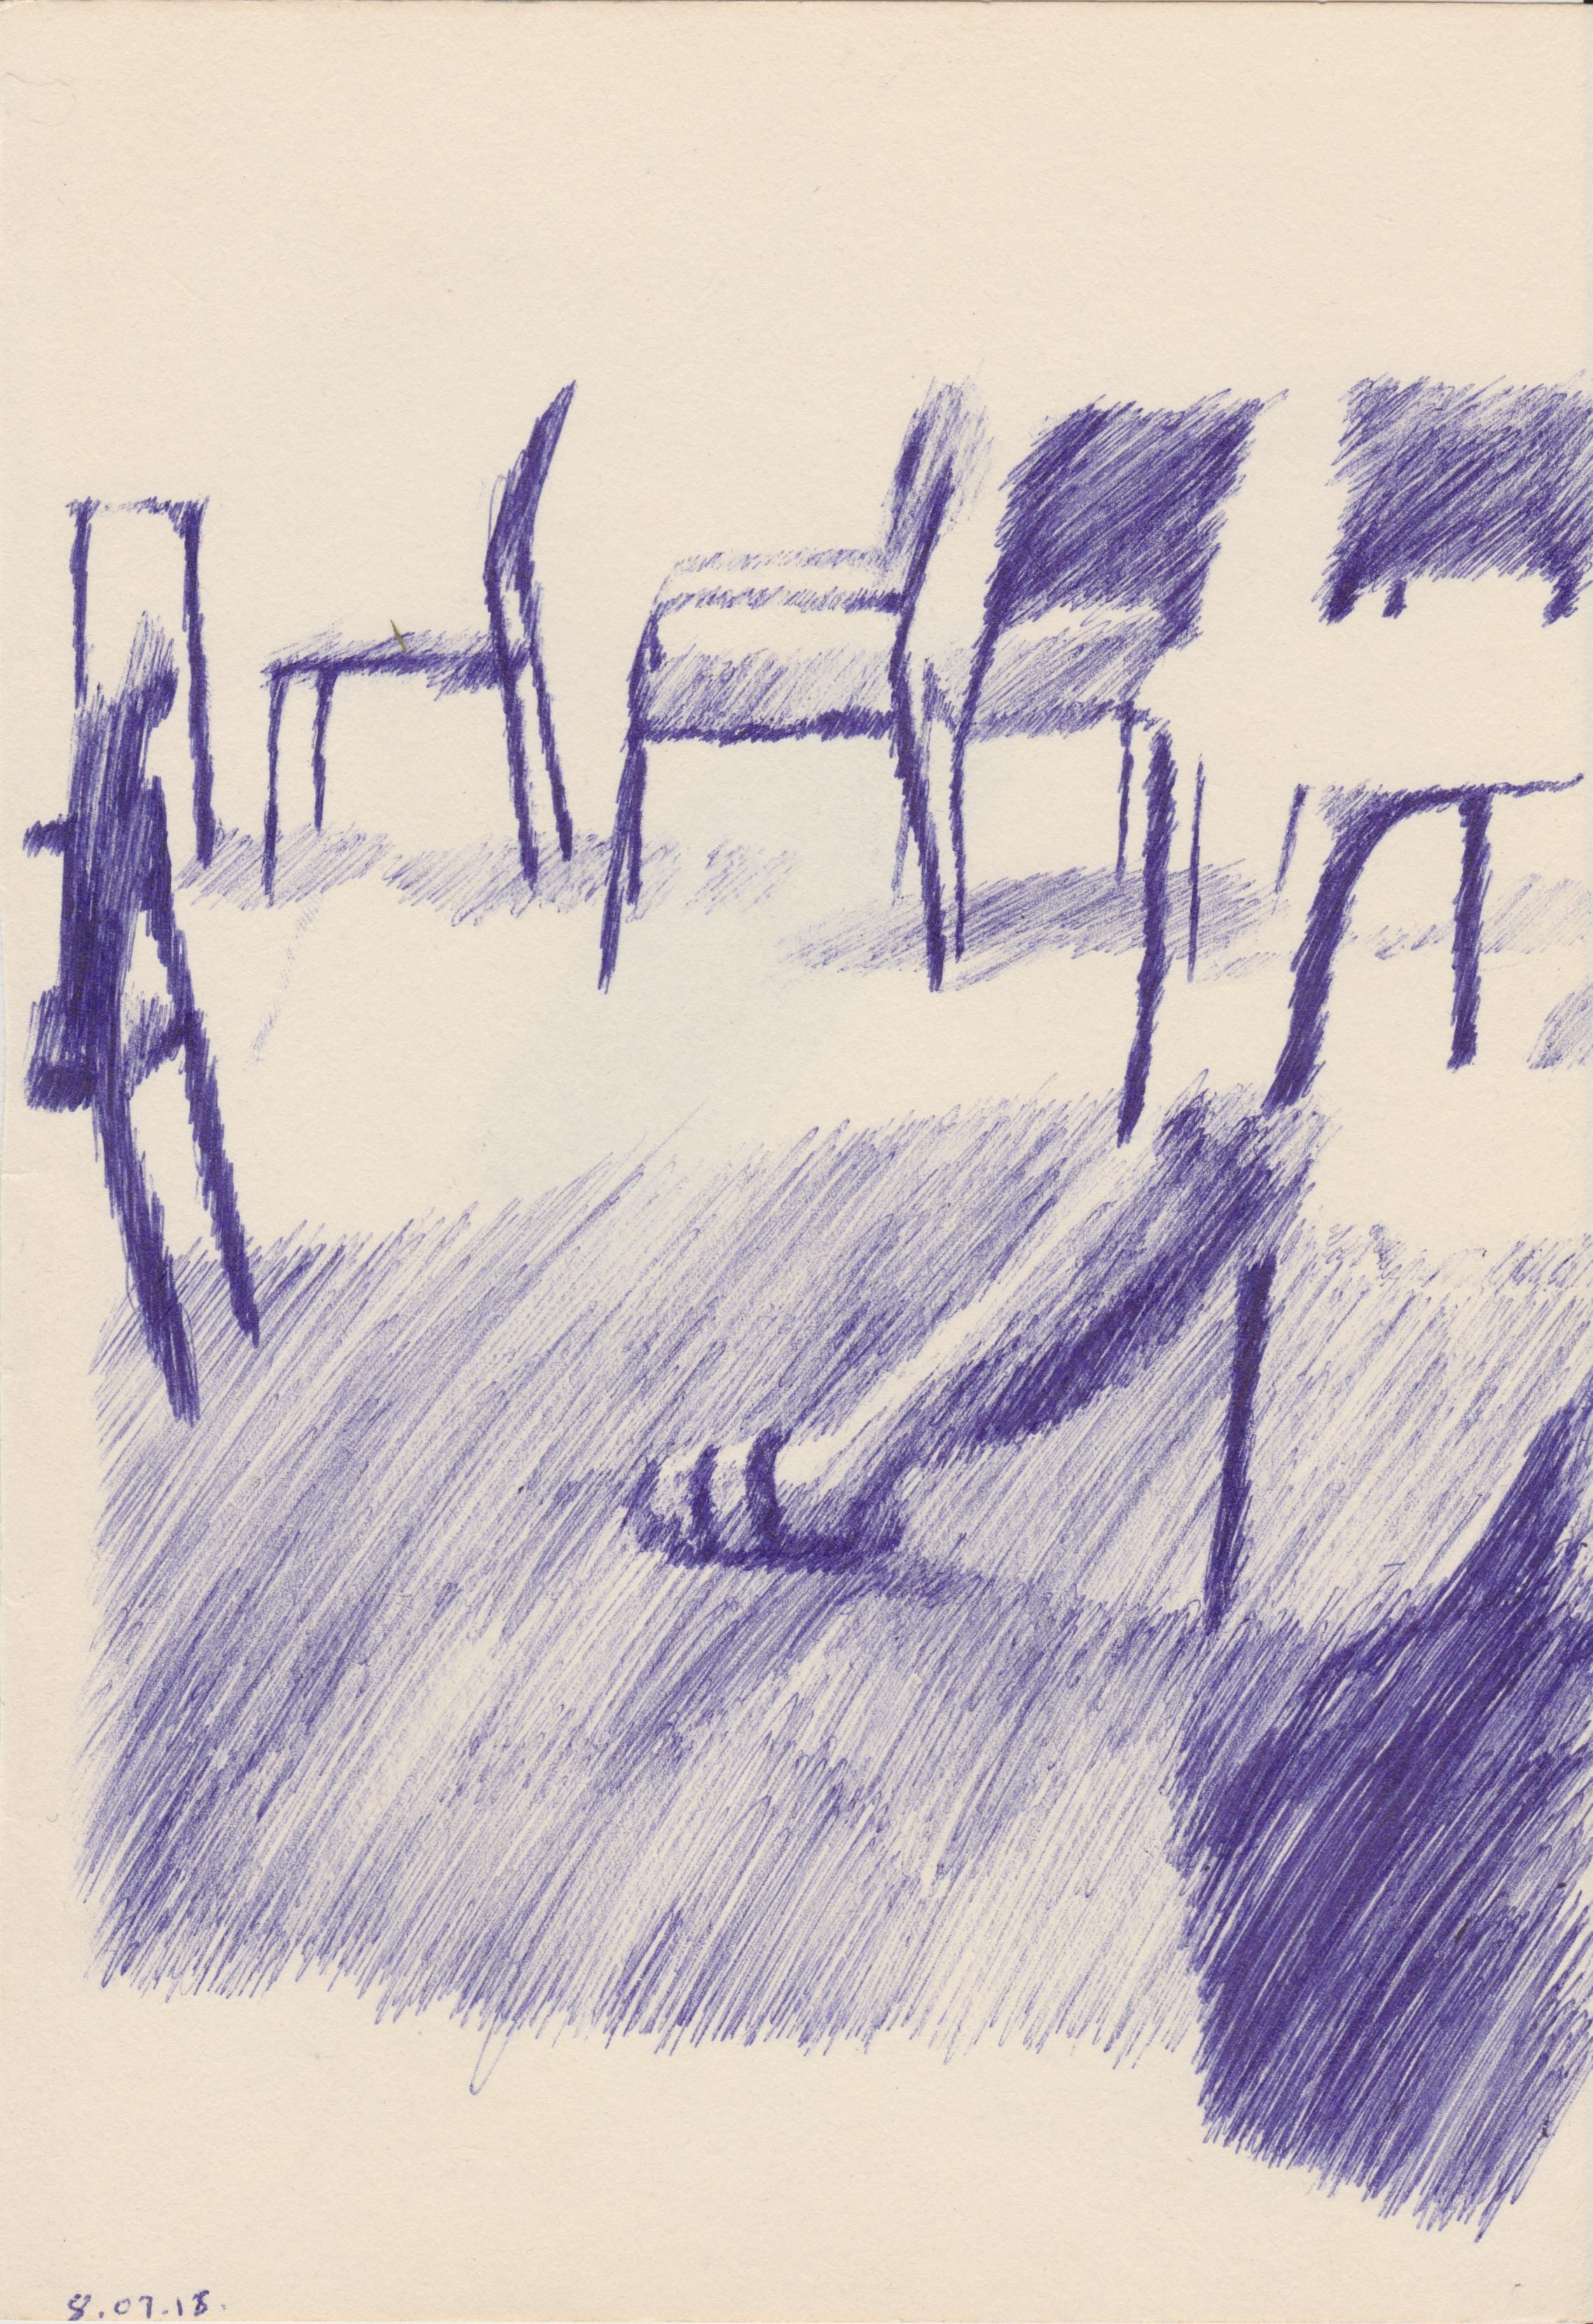 Hot Seats, Biro on Paper, 14.8 x 21cm, 2018